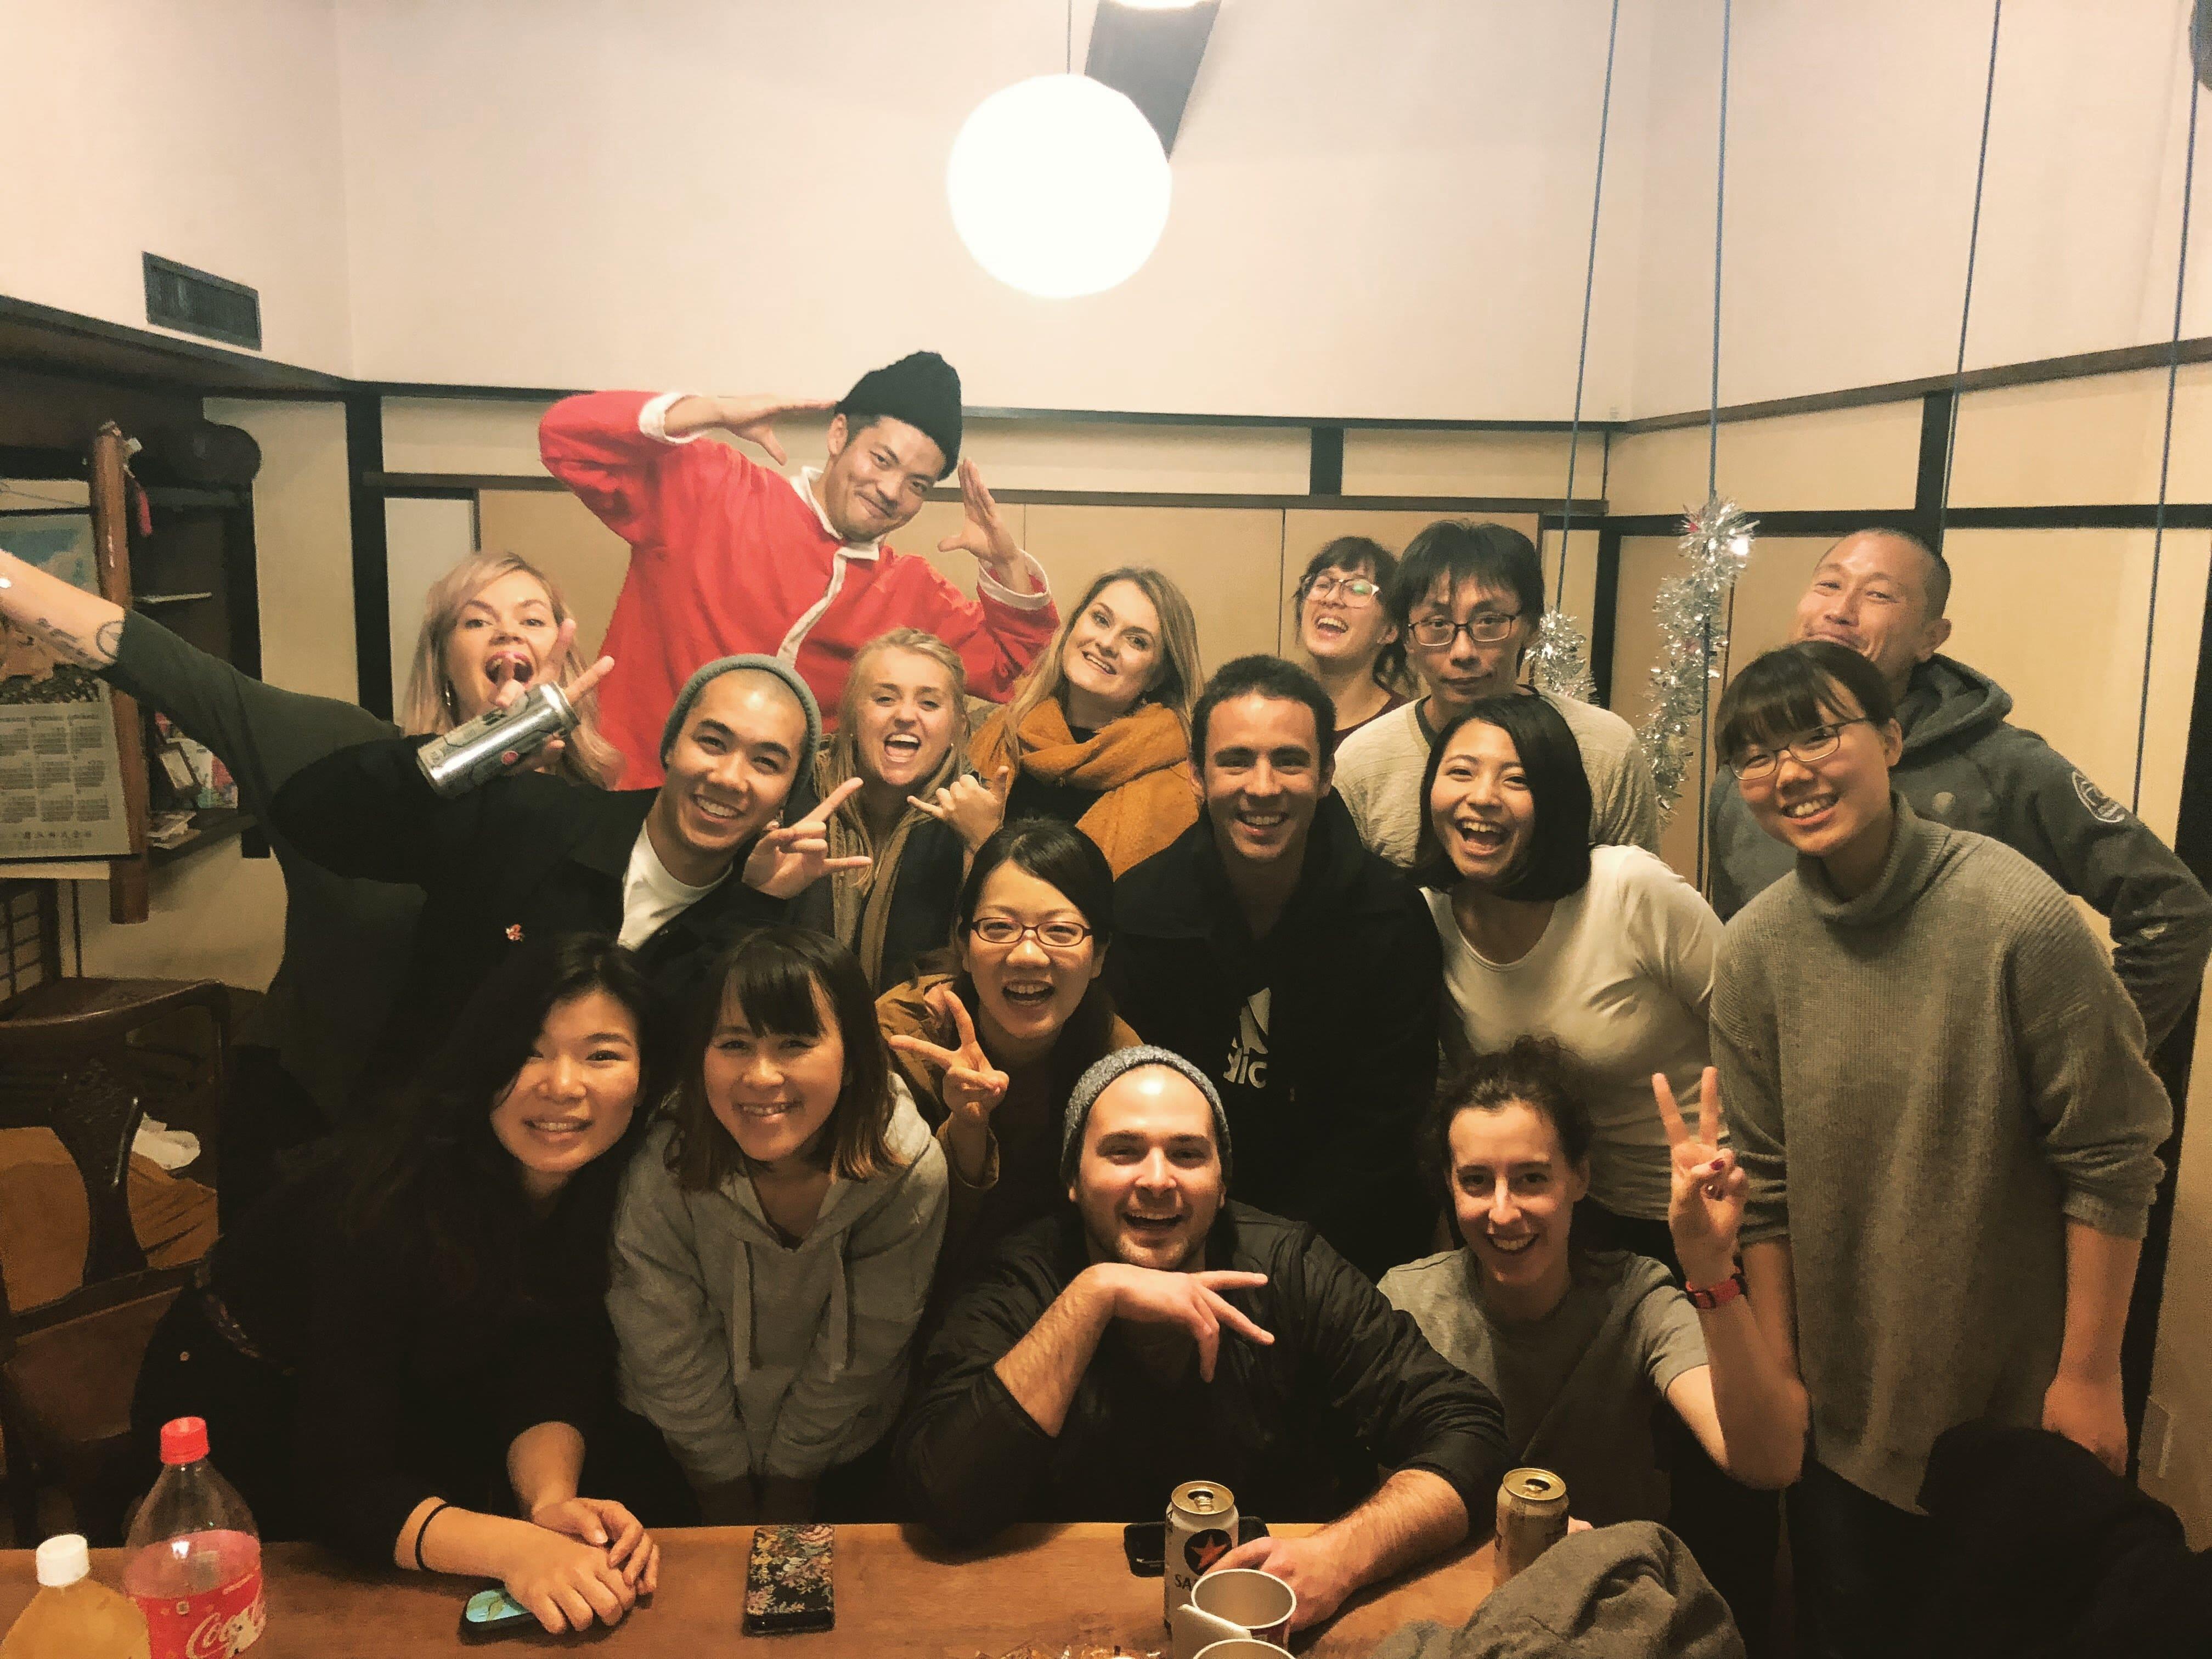 |大阪|ゲストハウス|珈琲バルや雑貨屋を併設した複合形ゲストハウスで清掃業務をしてみたい人募集!フリーアコモデーション募集